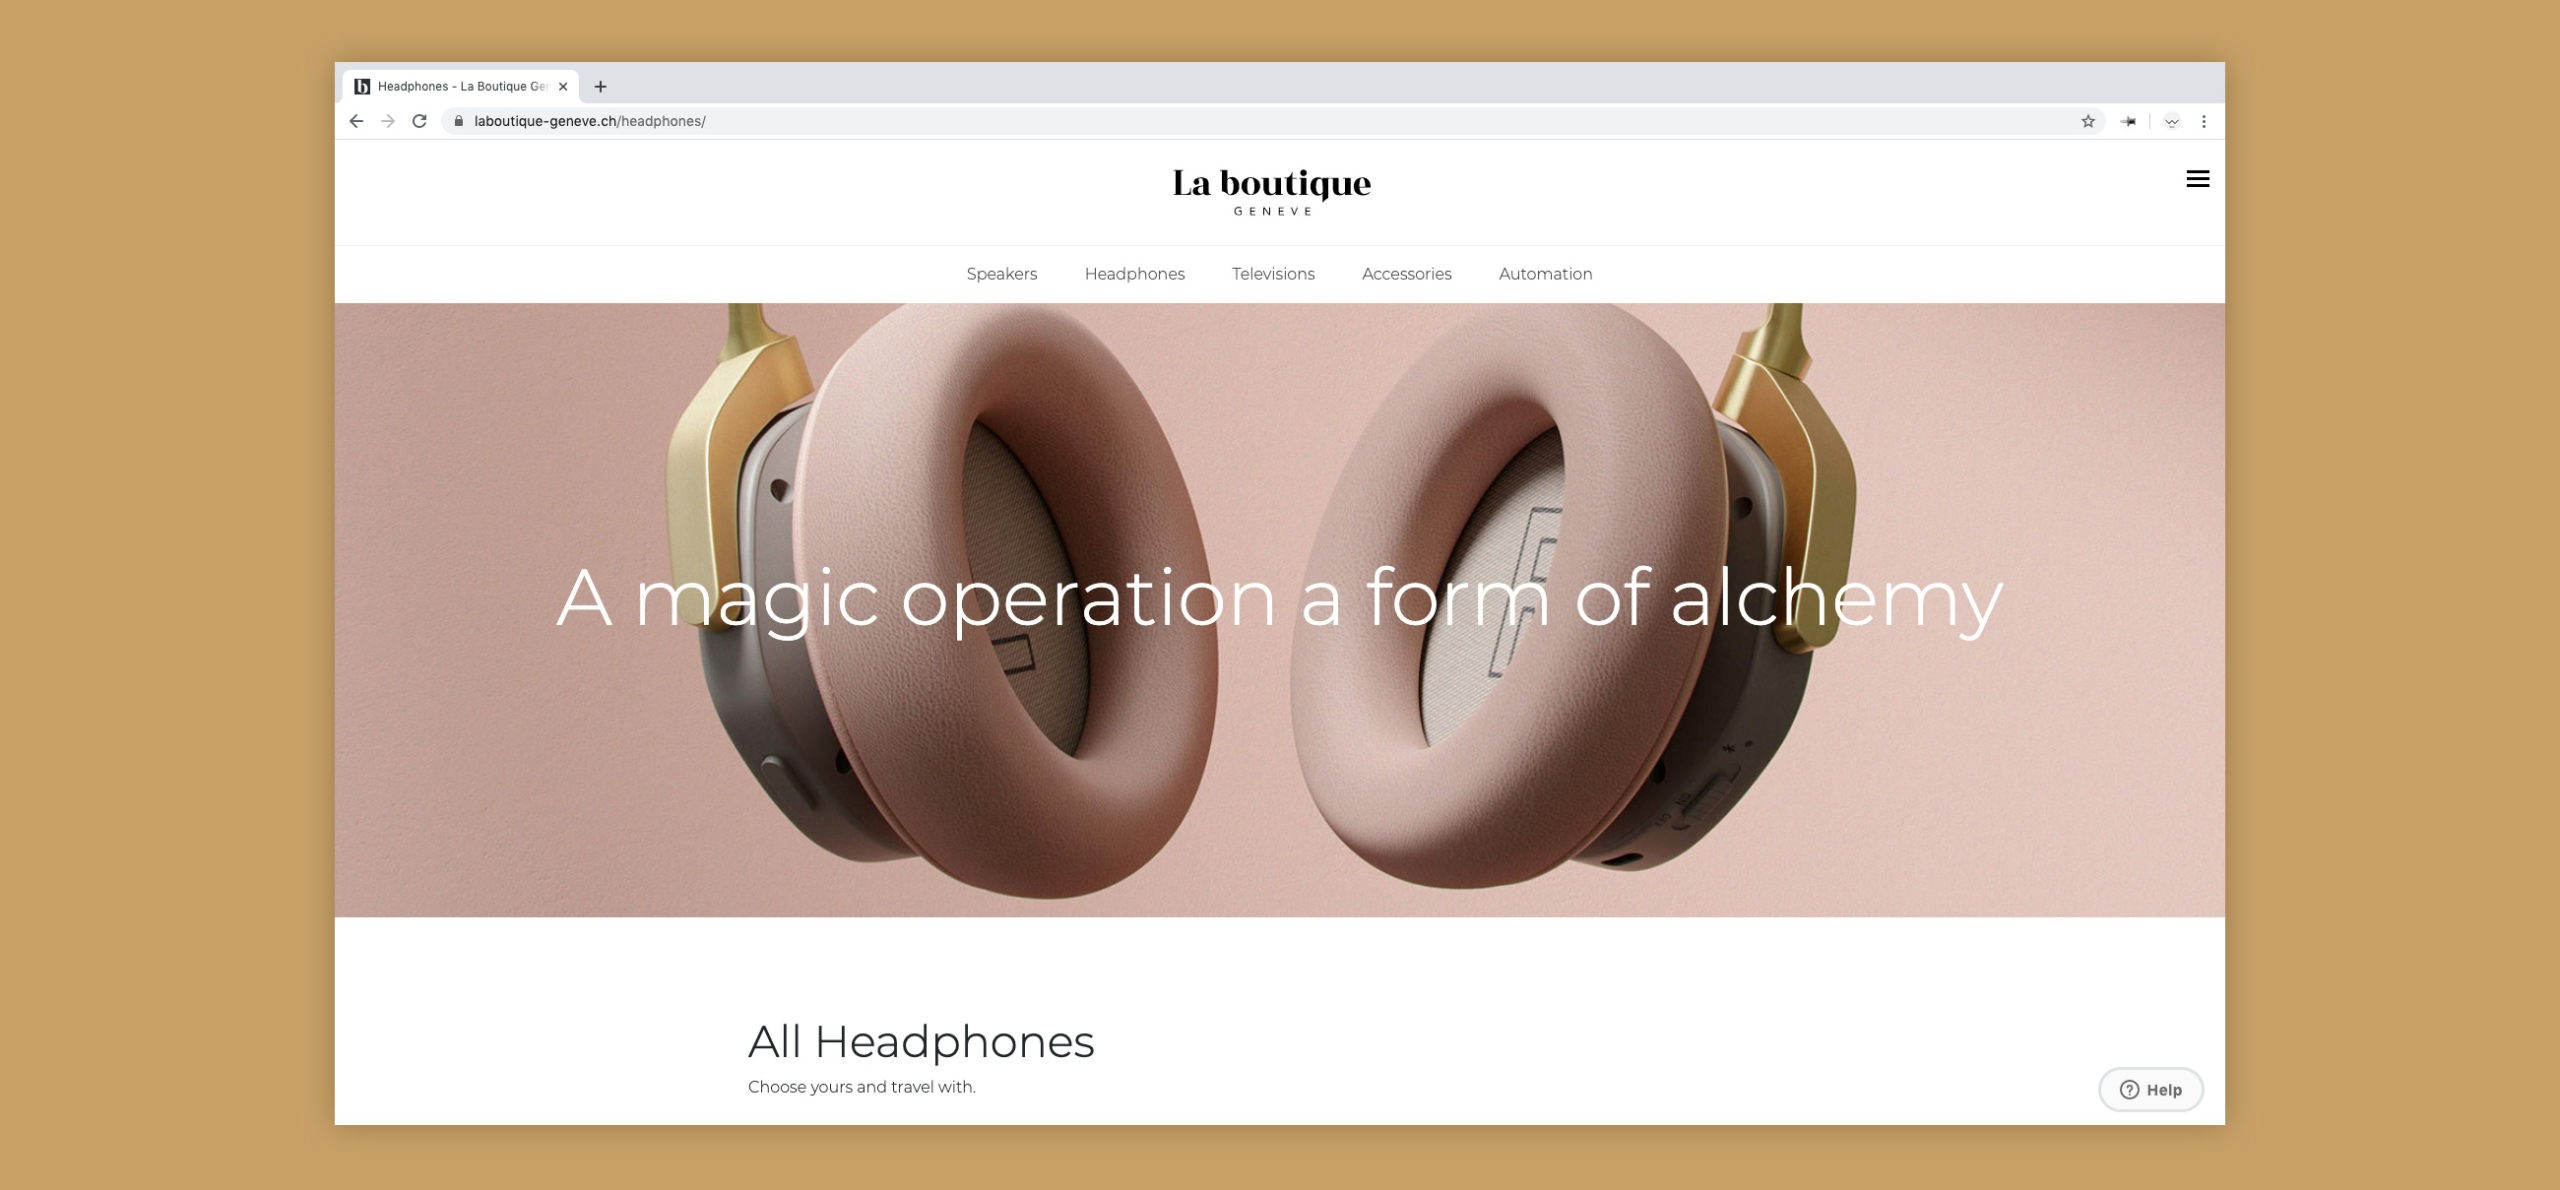 Site web de La Boutique sur la page des casques